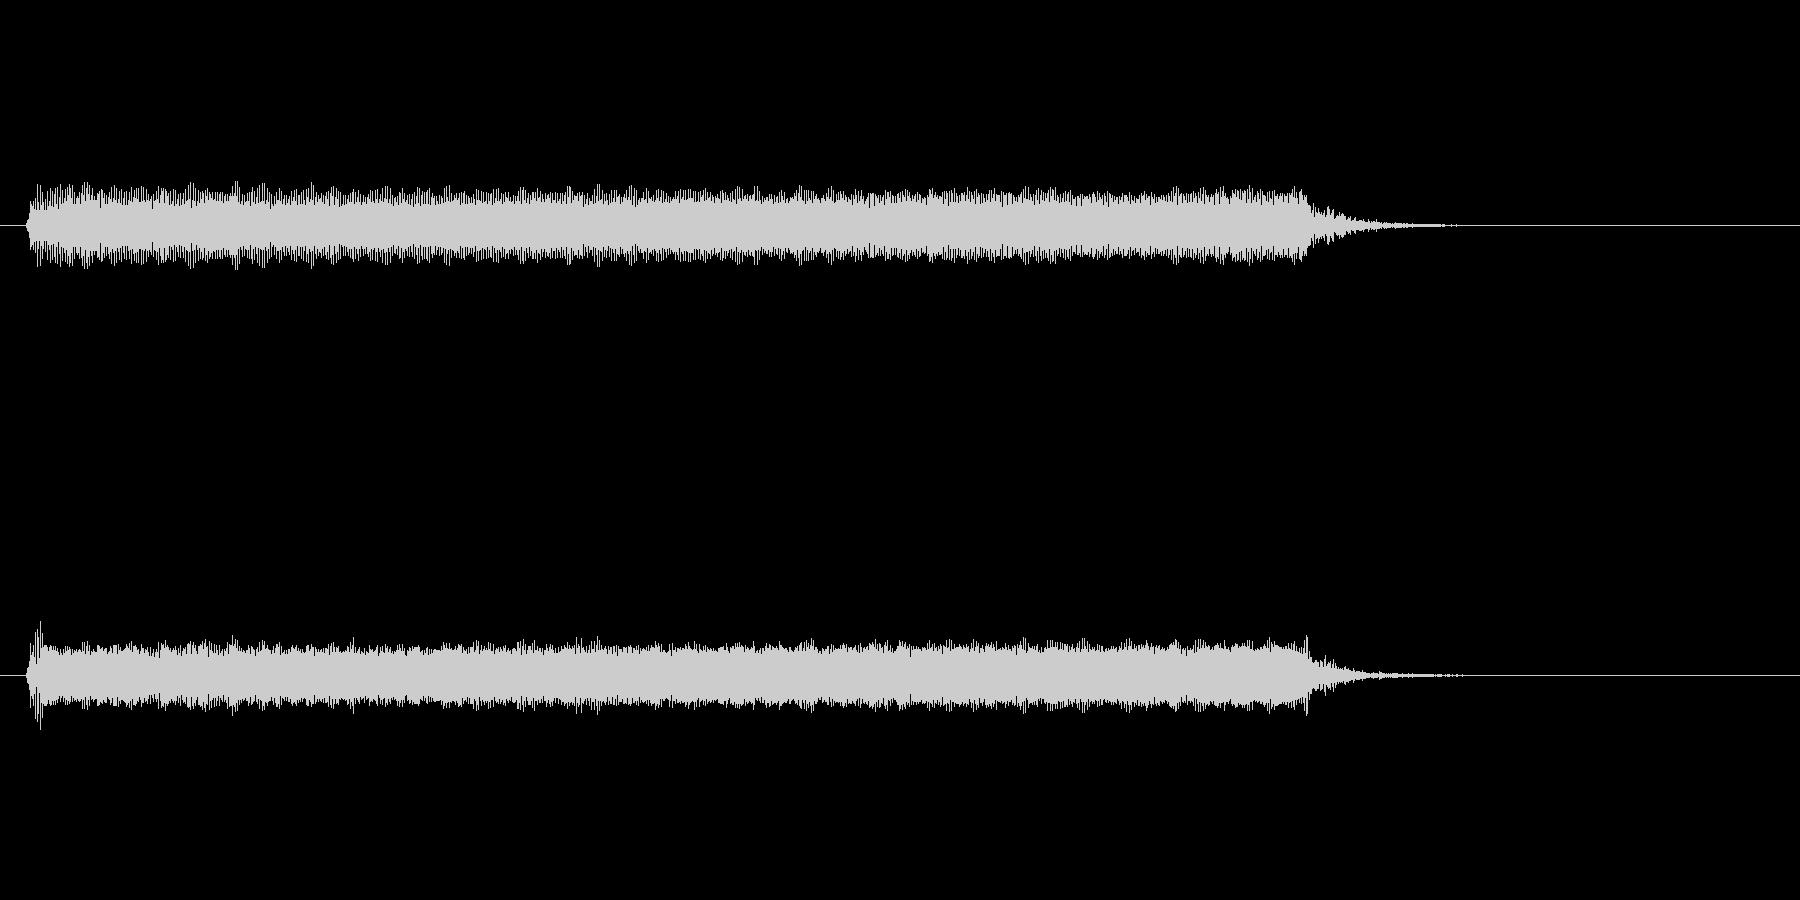 【開演ブザー02-3】の未再生の波形